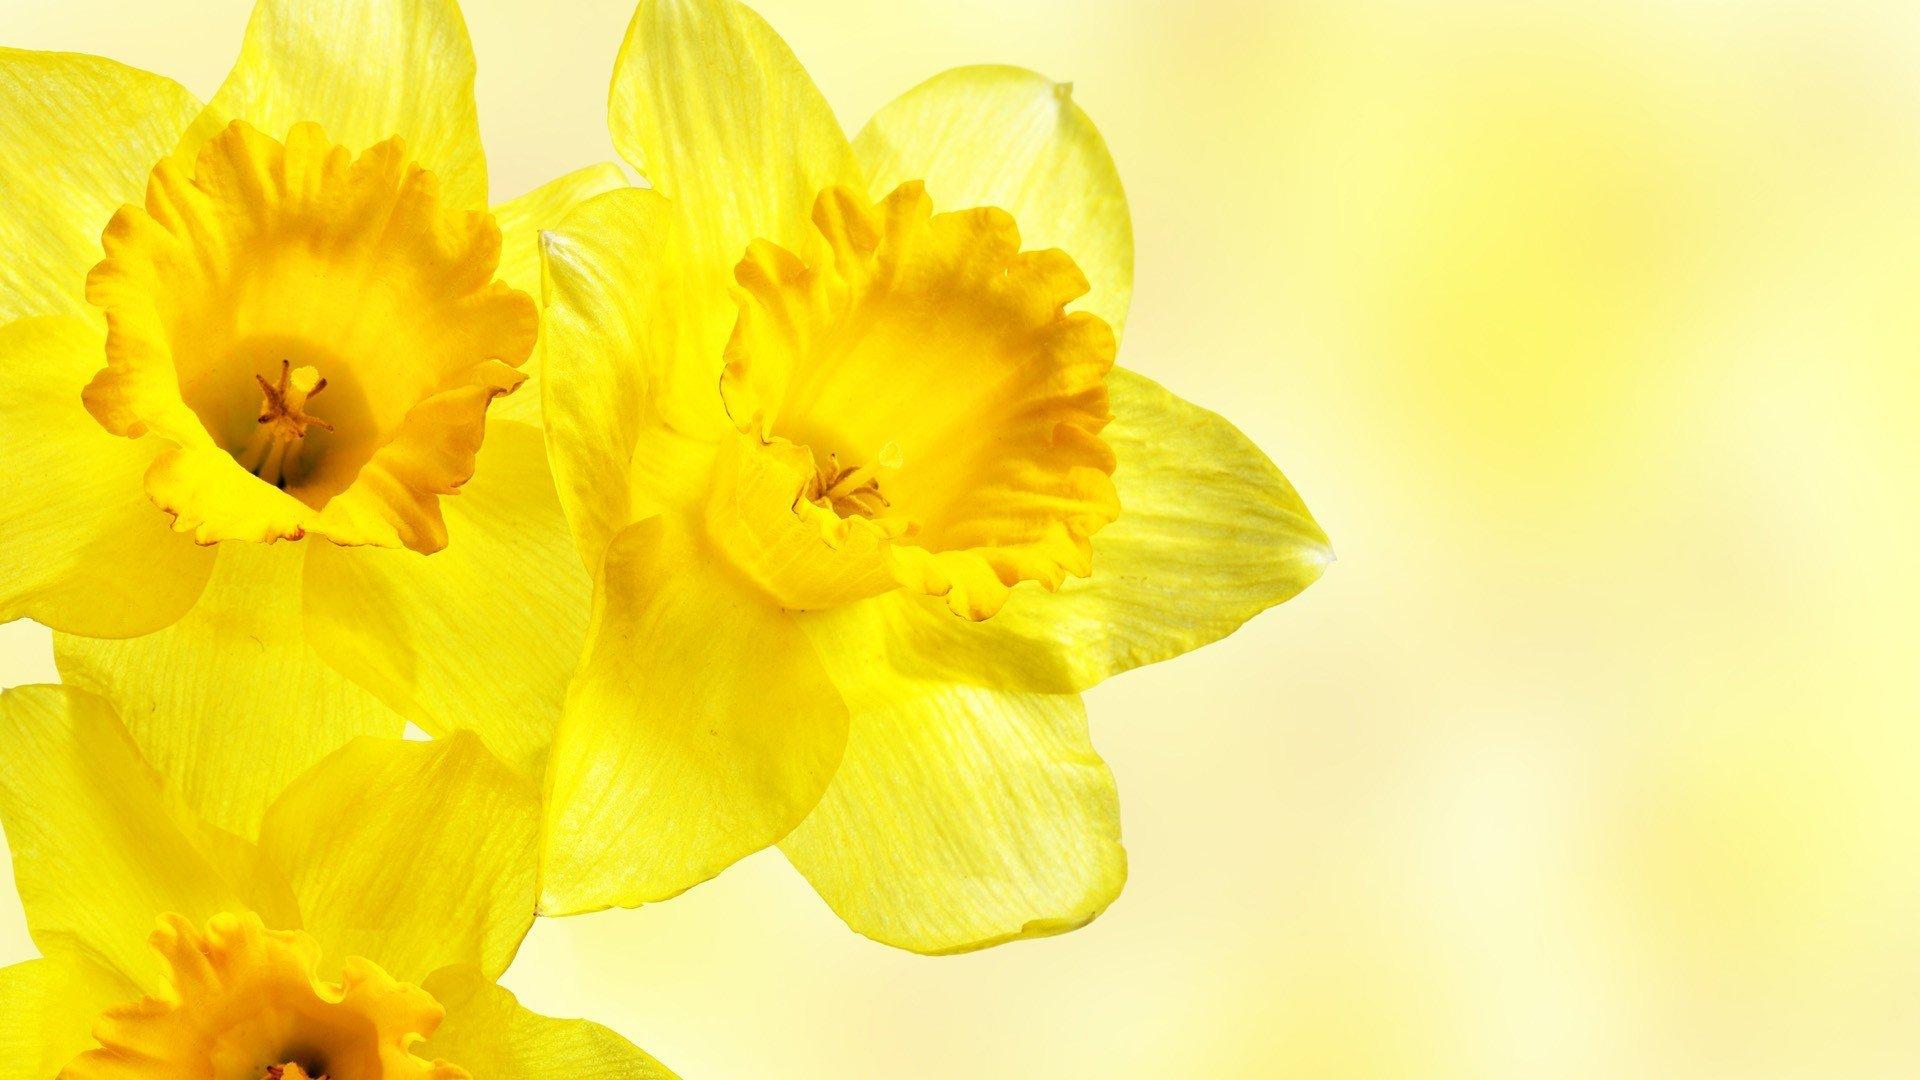 Фото цветы на желтом фоне